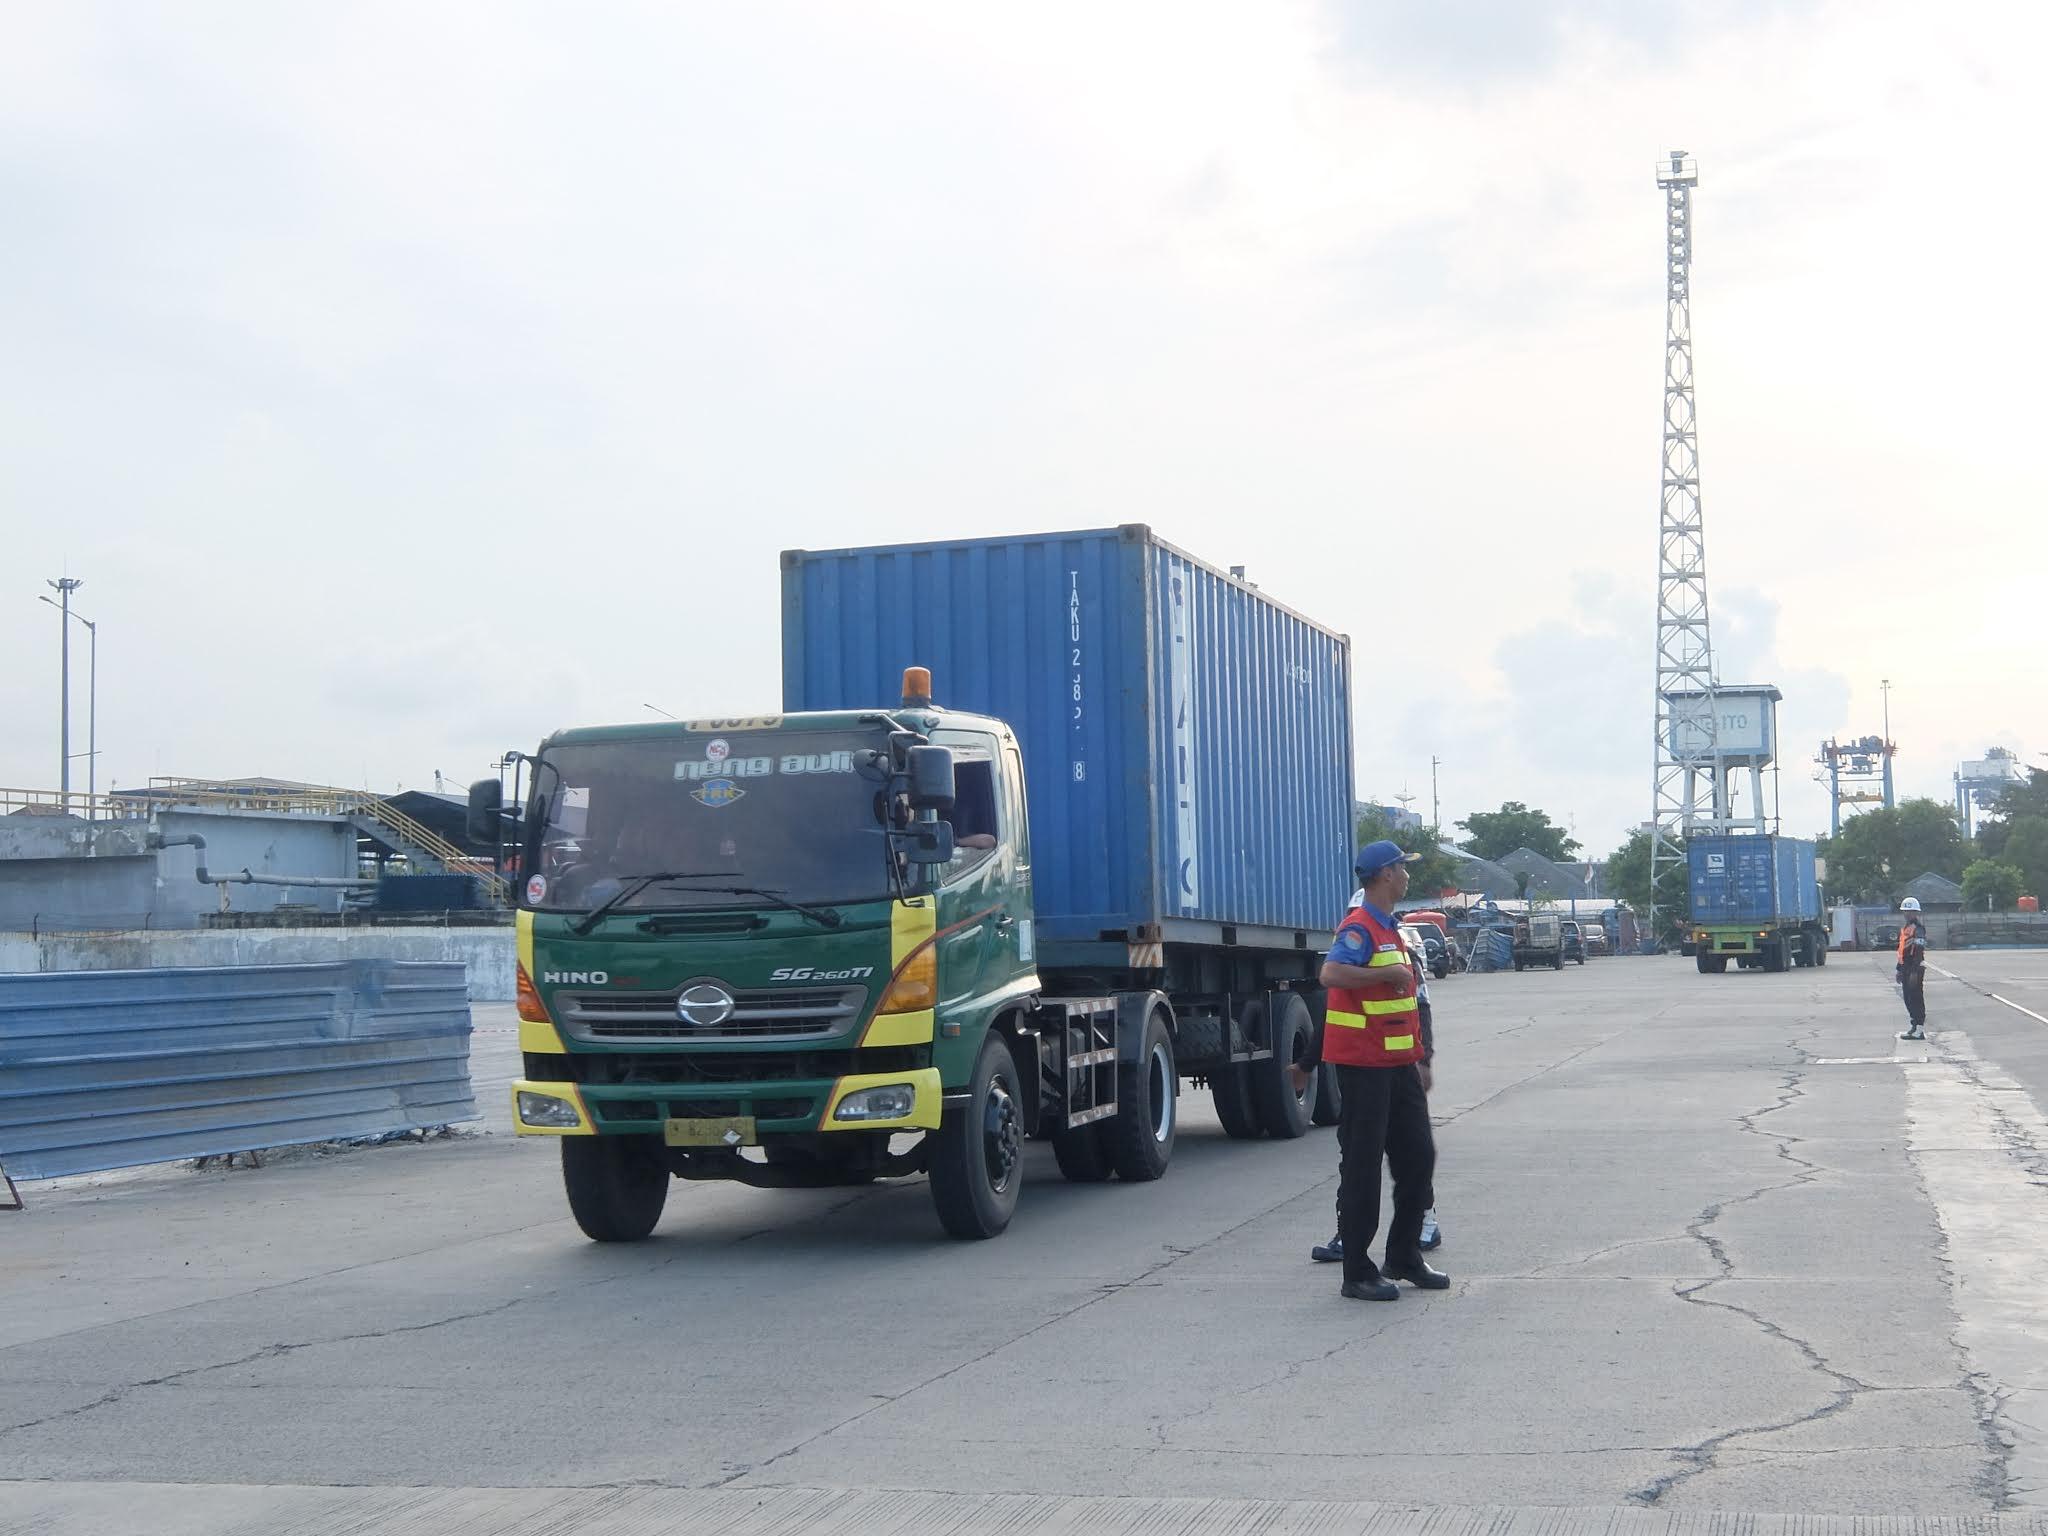 jasa towing Surabaya - Malang